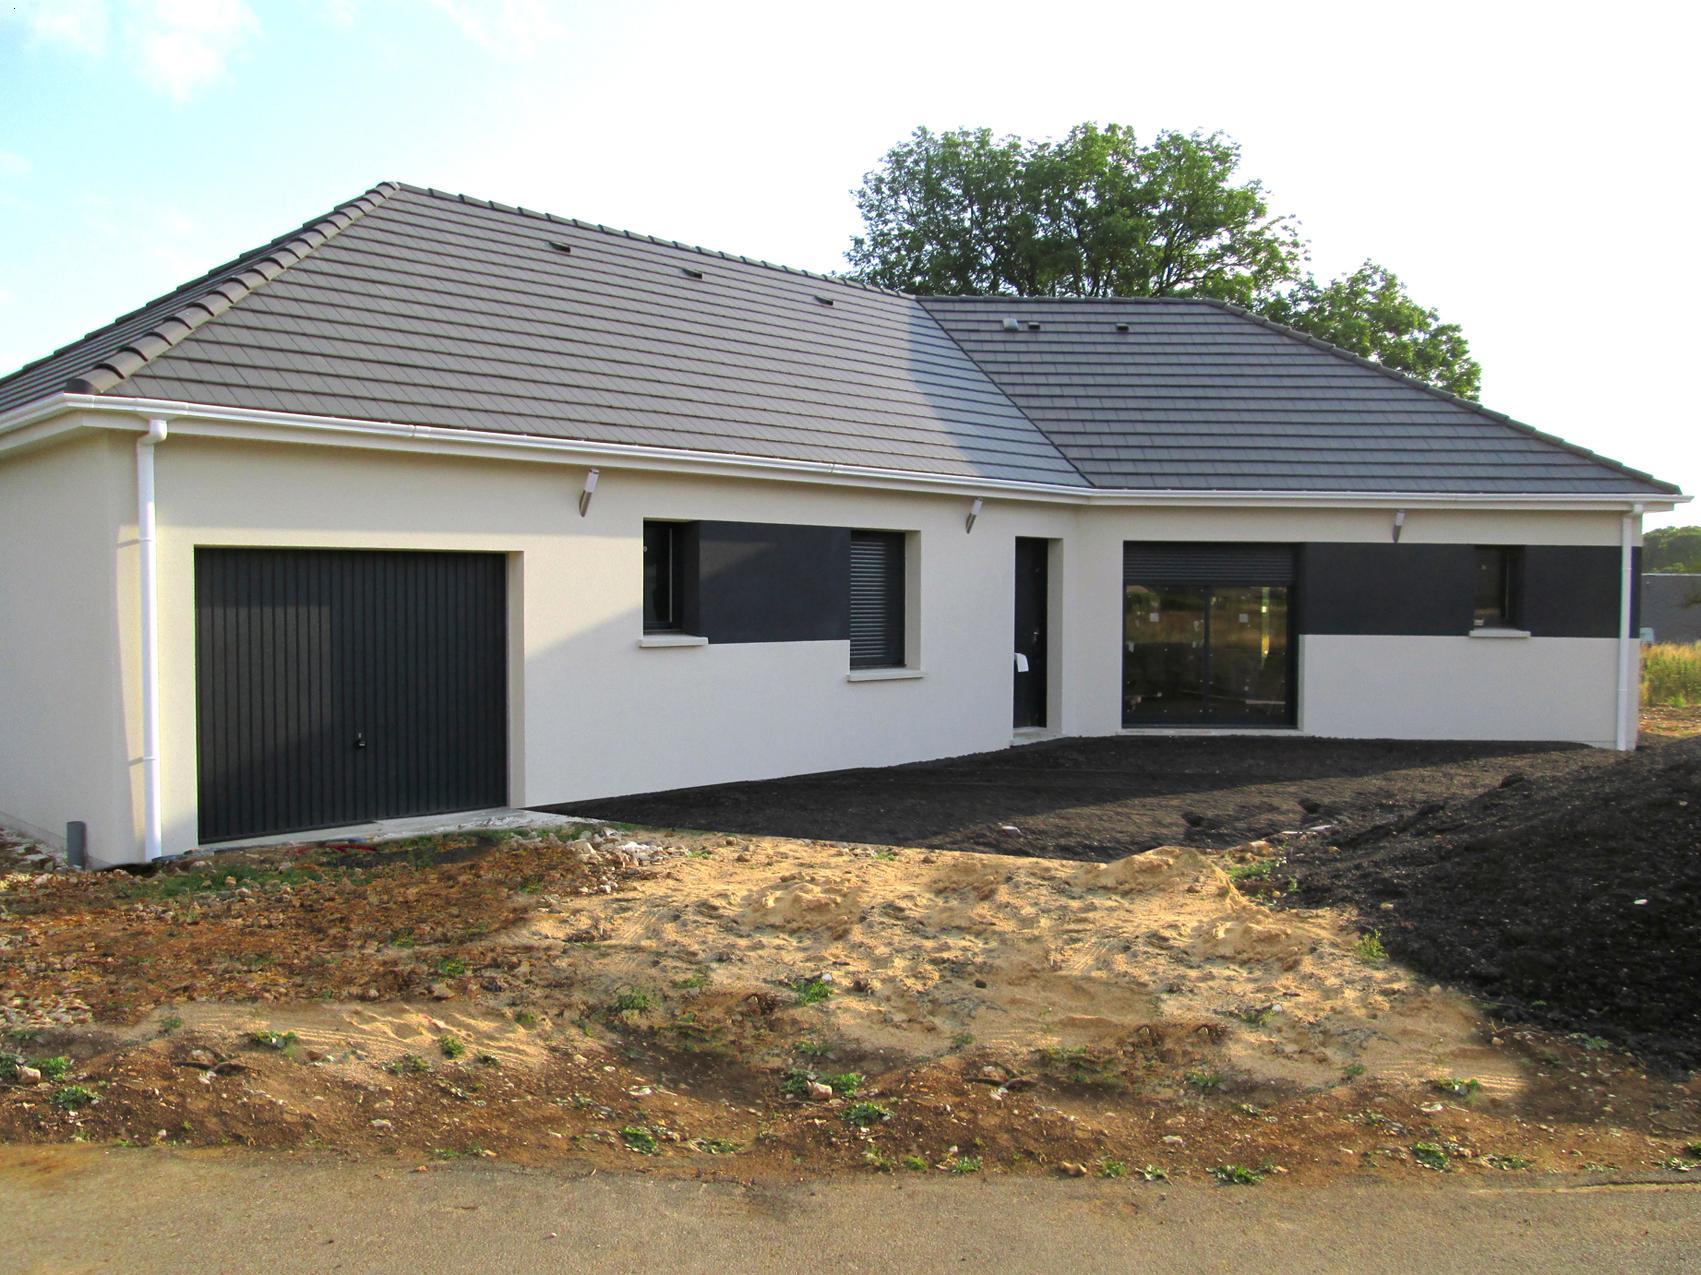 Votre maison + terrain à Ouilly-le-Vicomte  - 14100